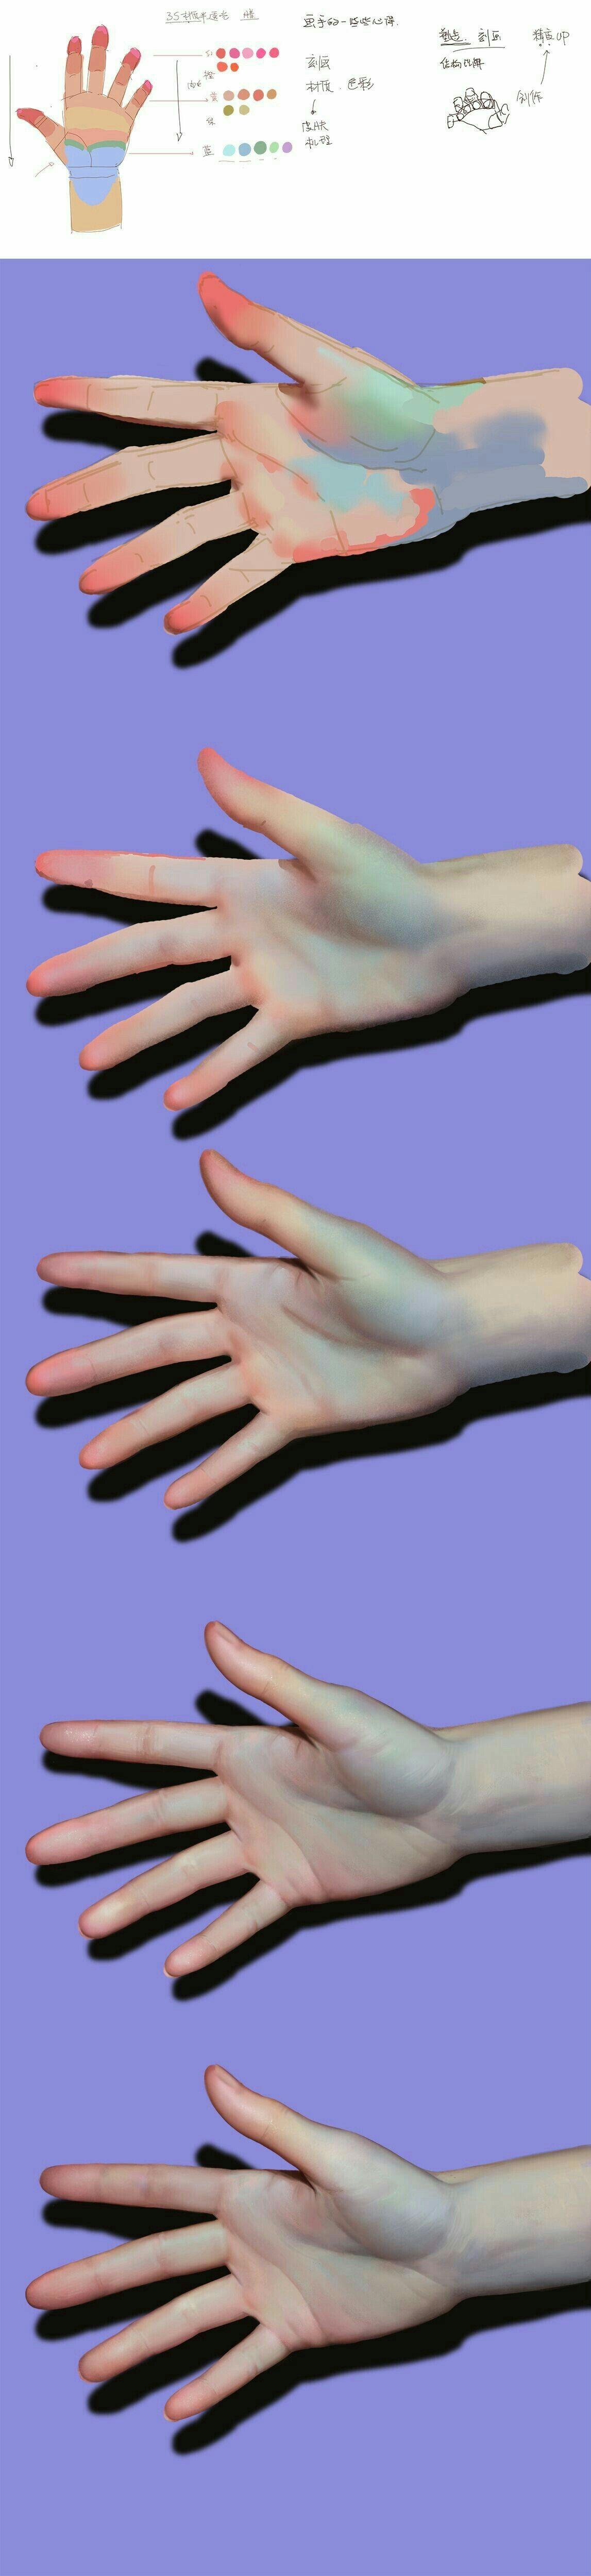 Digital Art Hands Digital Art Tutorial Art Tutorials Art Reference Poses